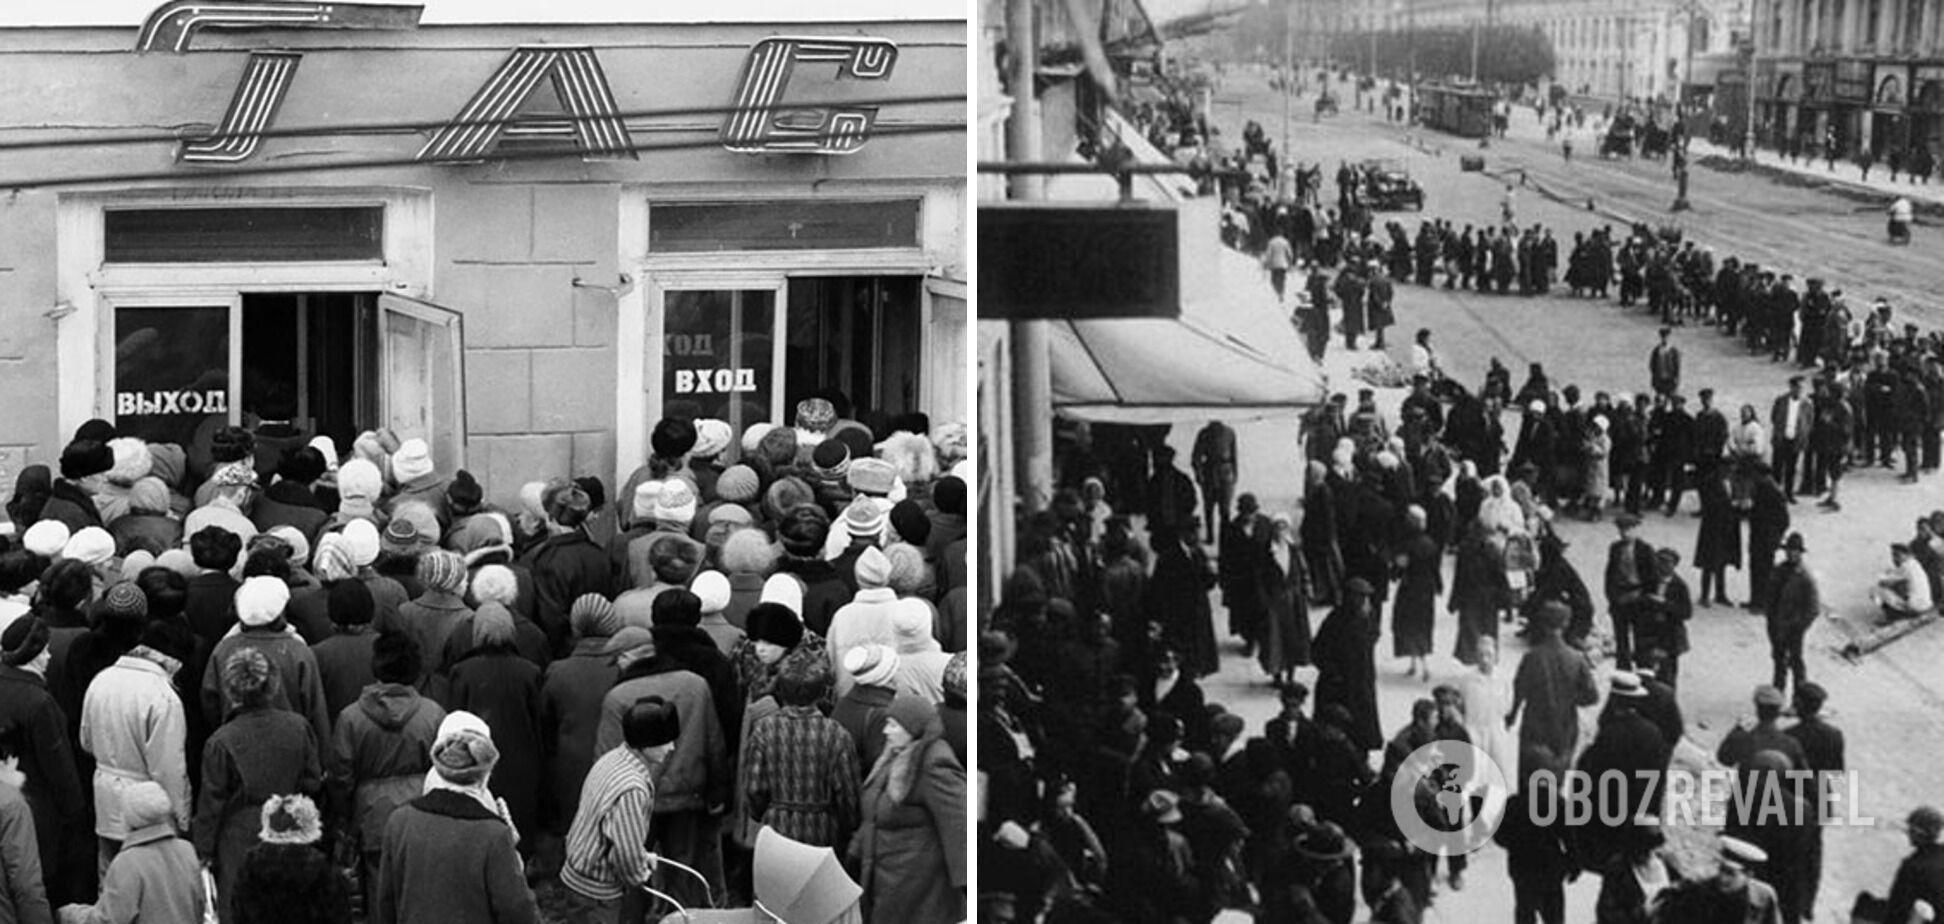 Очереди в СССР иногда достигали нескольких километров.